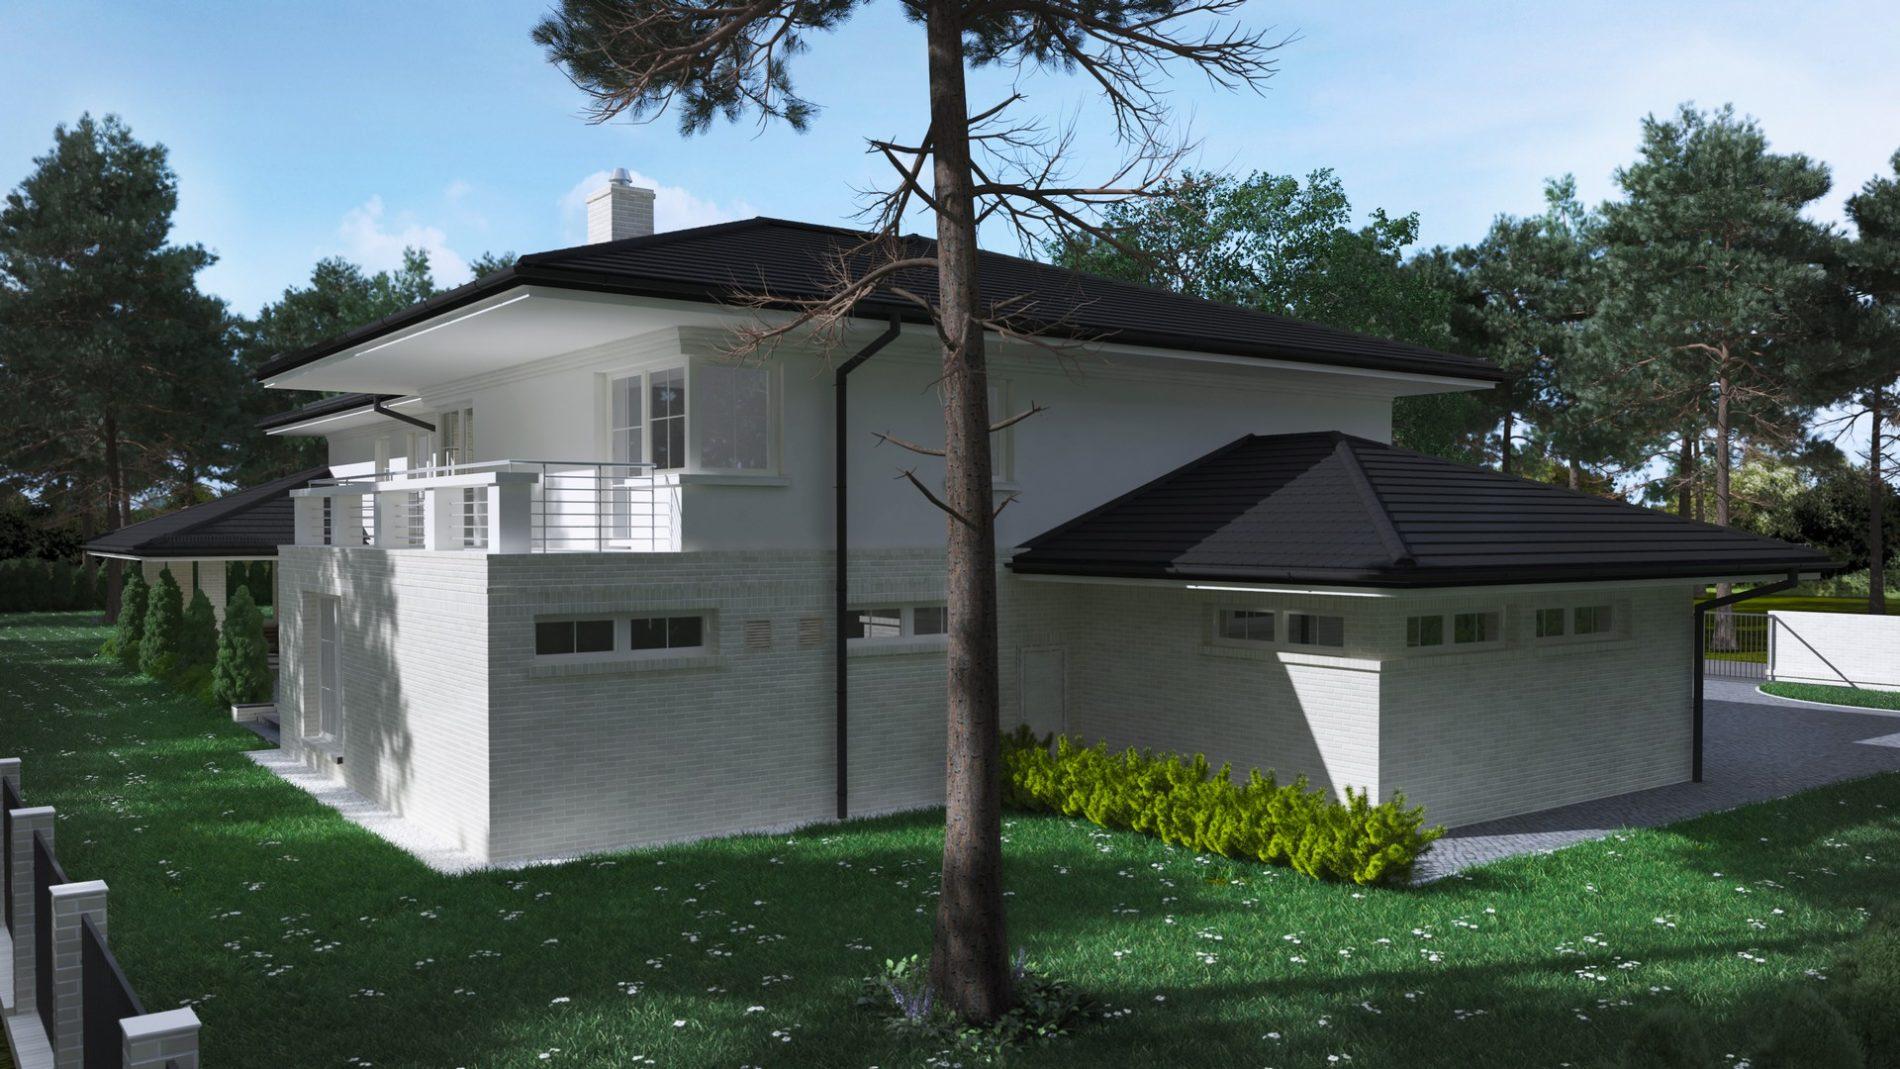 wizualizacja architektoniczna domu jednorodzinnego tarnowskie góry